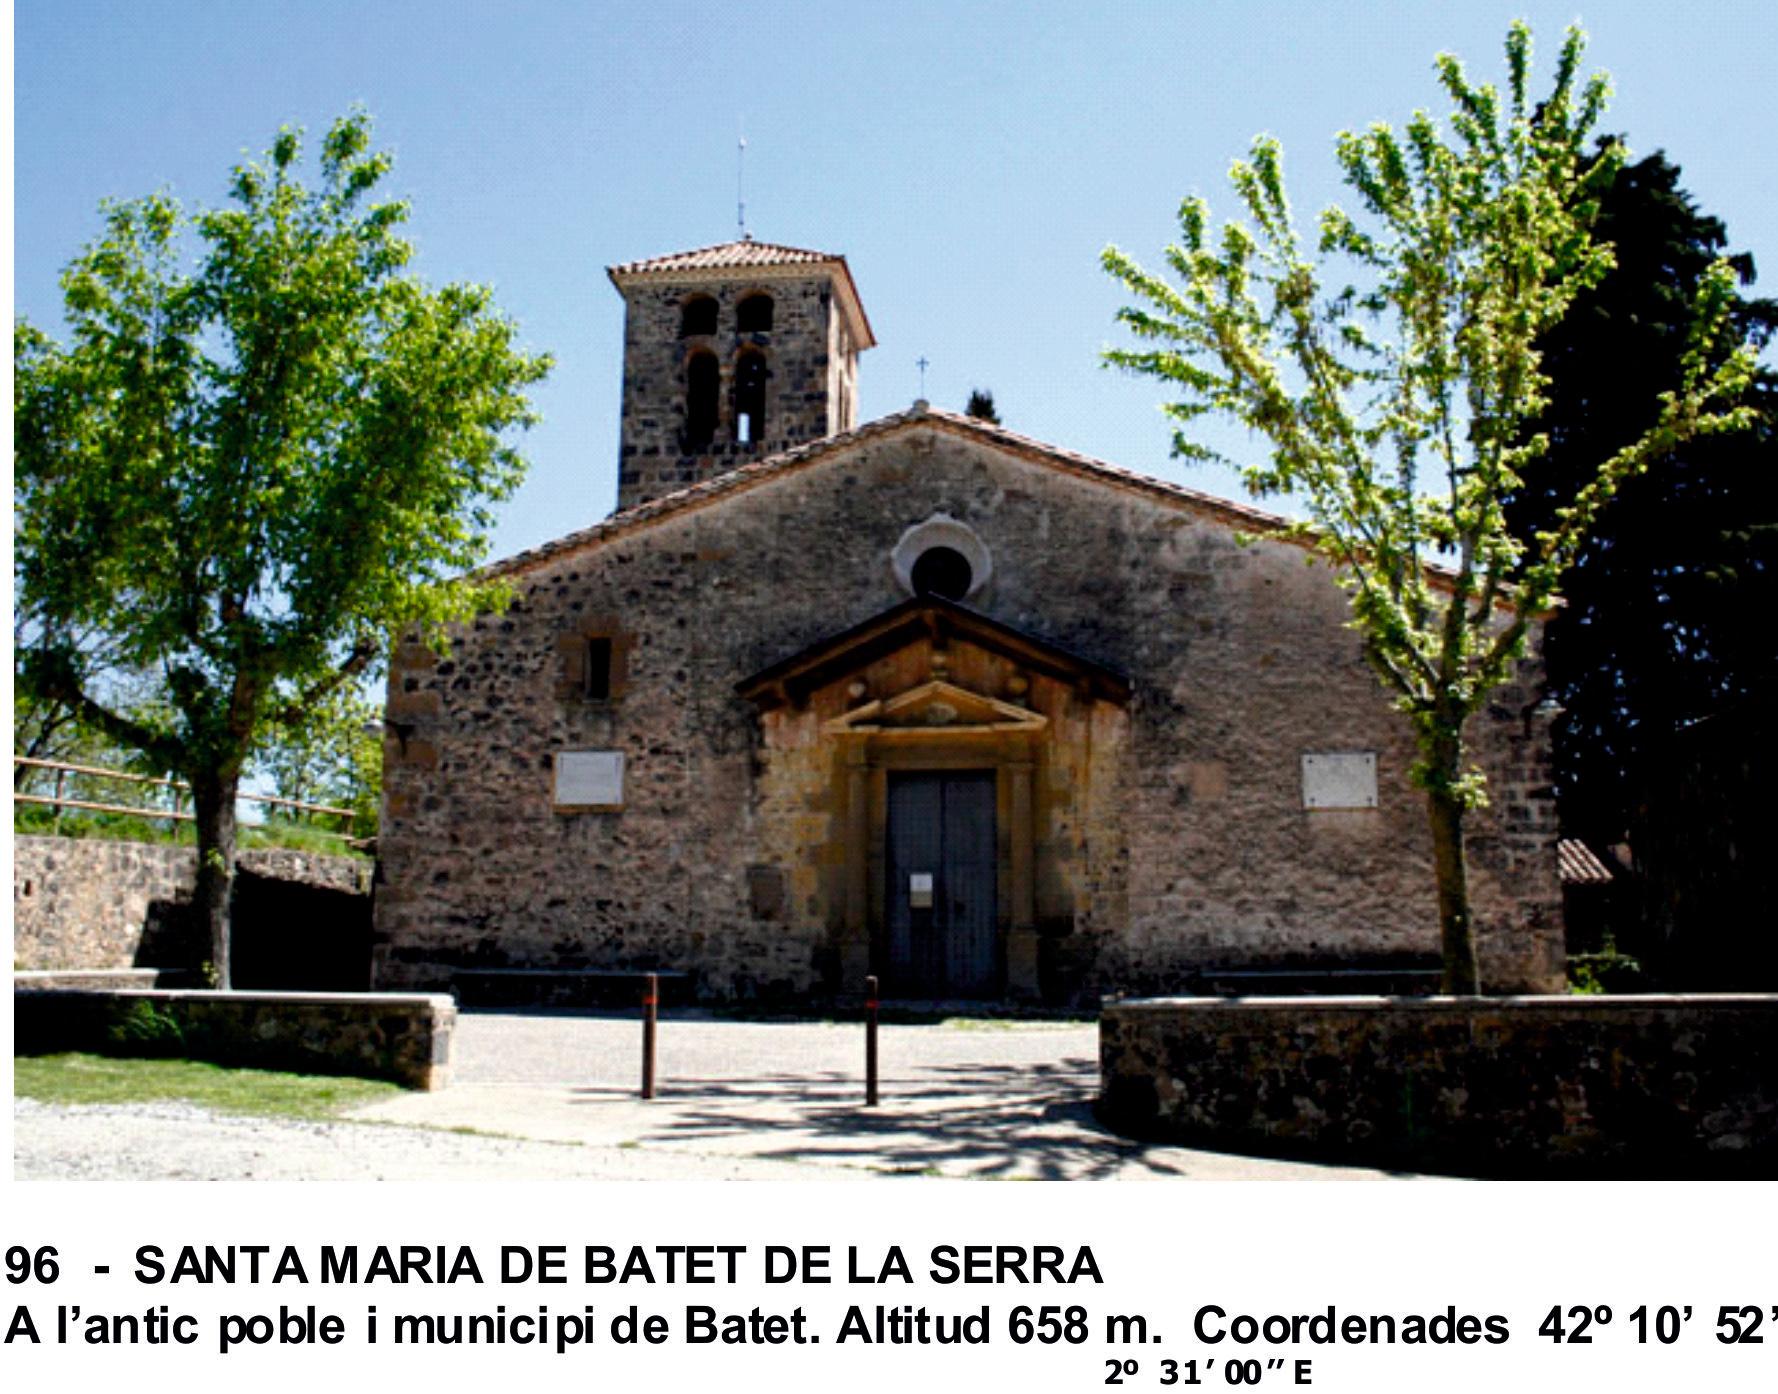 96  -  SANTA MARIA DE BATET DE LA SERRA